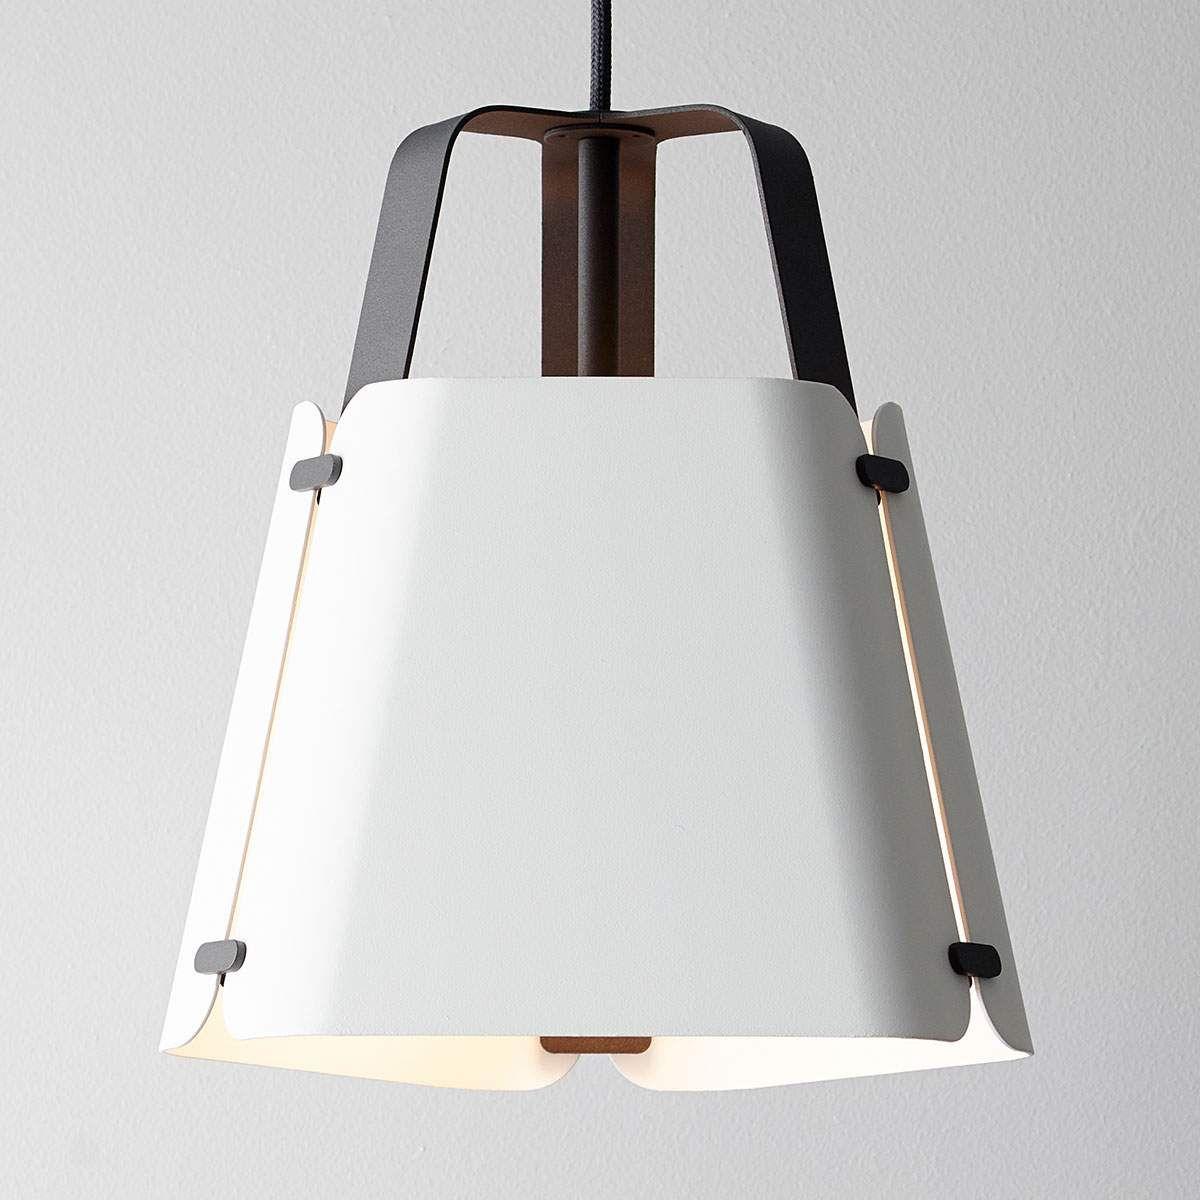 Hangeleuchte Wrap Weiss 27 5 Cm Lampe Selber Bauen Wandleuchte Bad Und Led Lampe